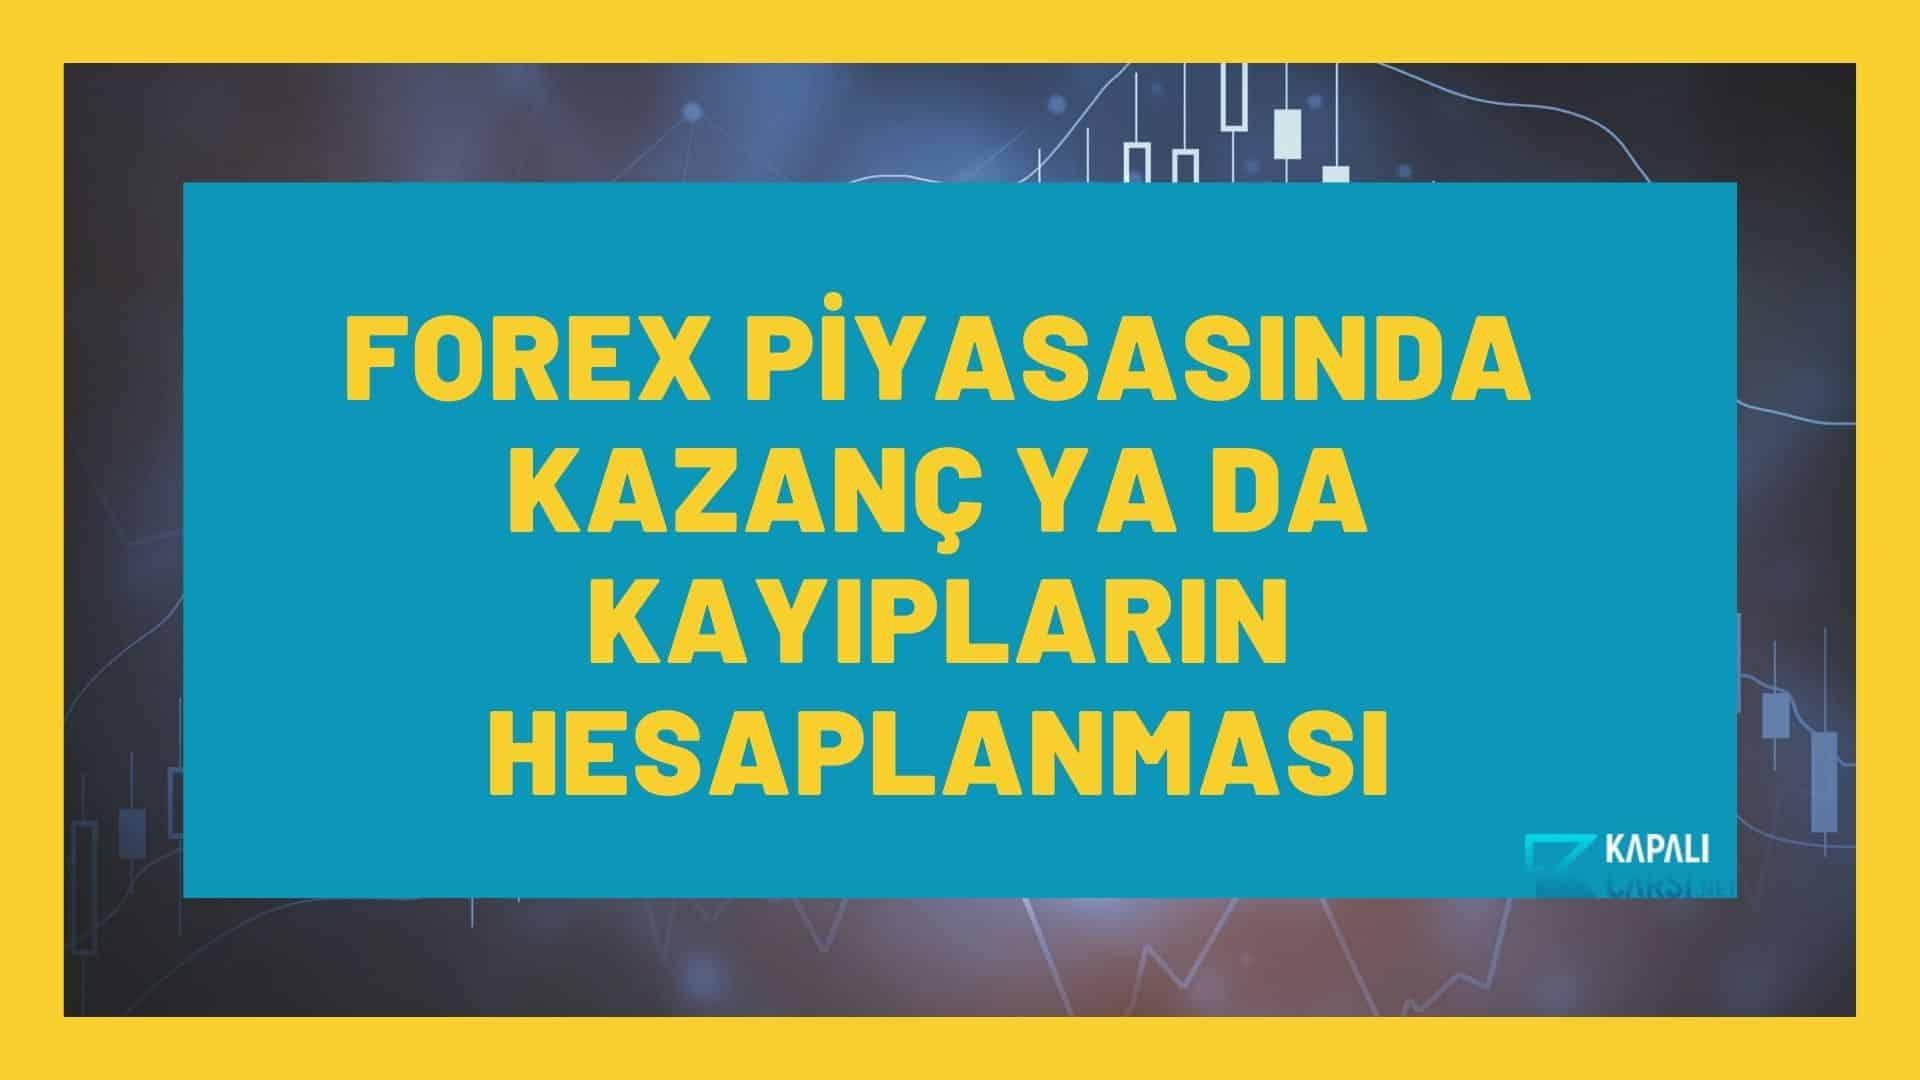 Forex Piyasasında Kazanç ya da Kayıpların Hesaplanması